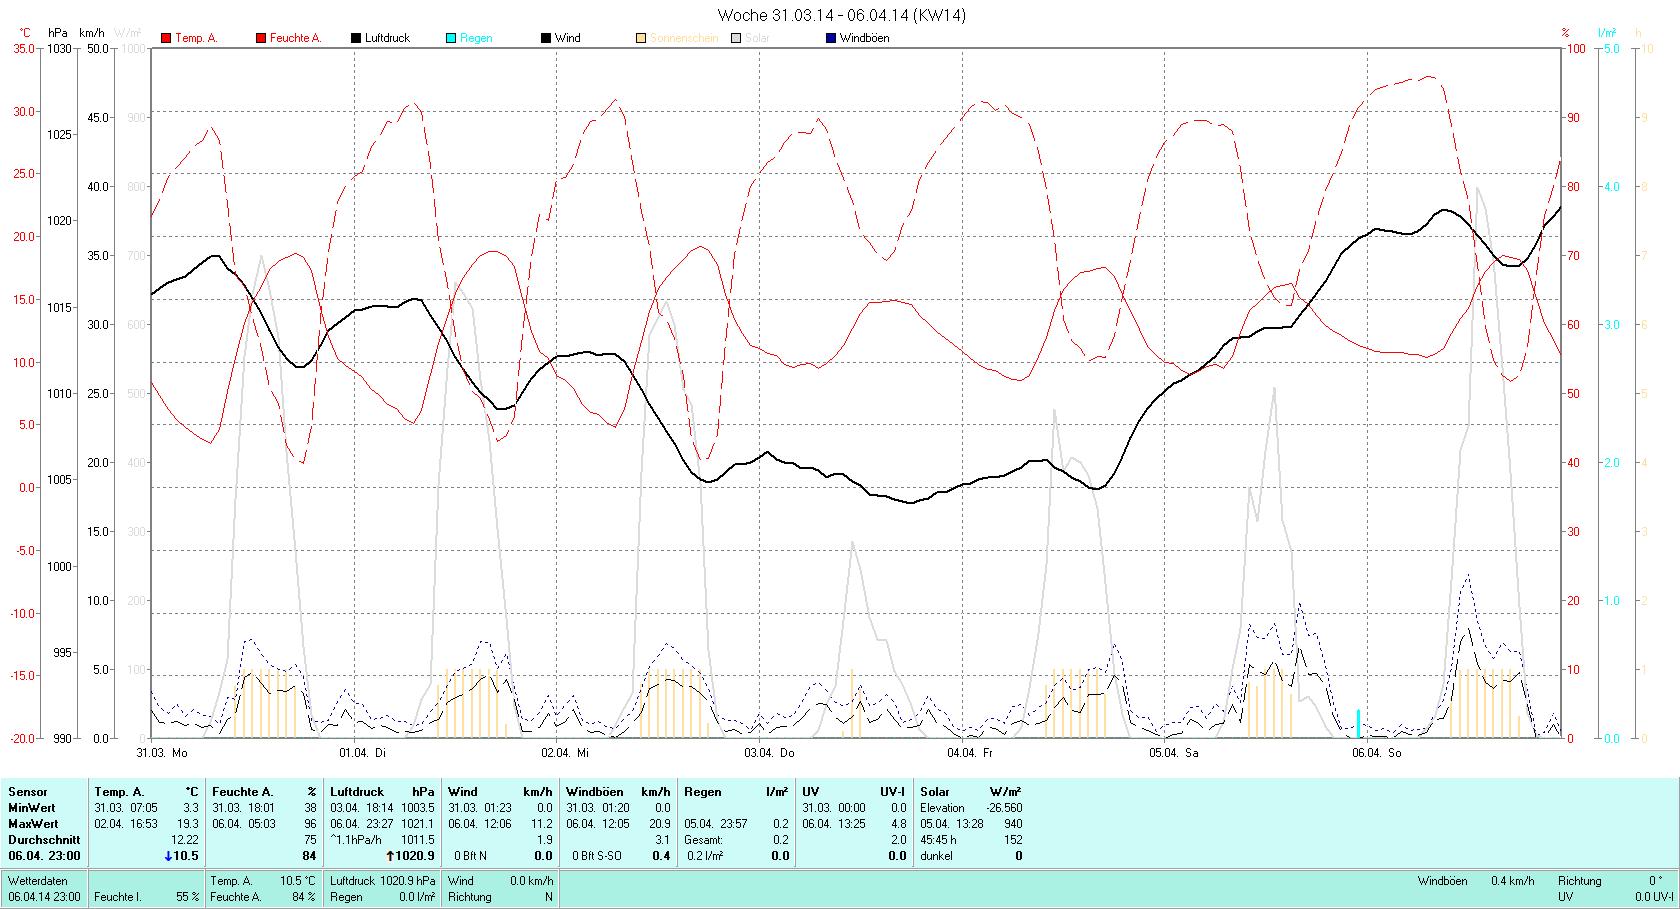 KW 14 Tmin  3.3°C, Tmax 19.3°C, Sonne 48:57h, Niederschlag 0.2mm/2